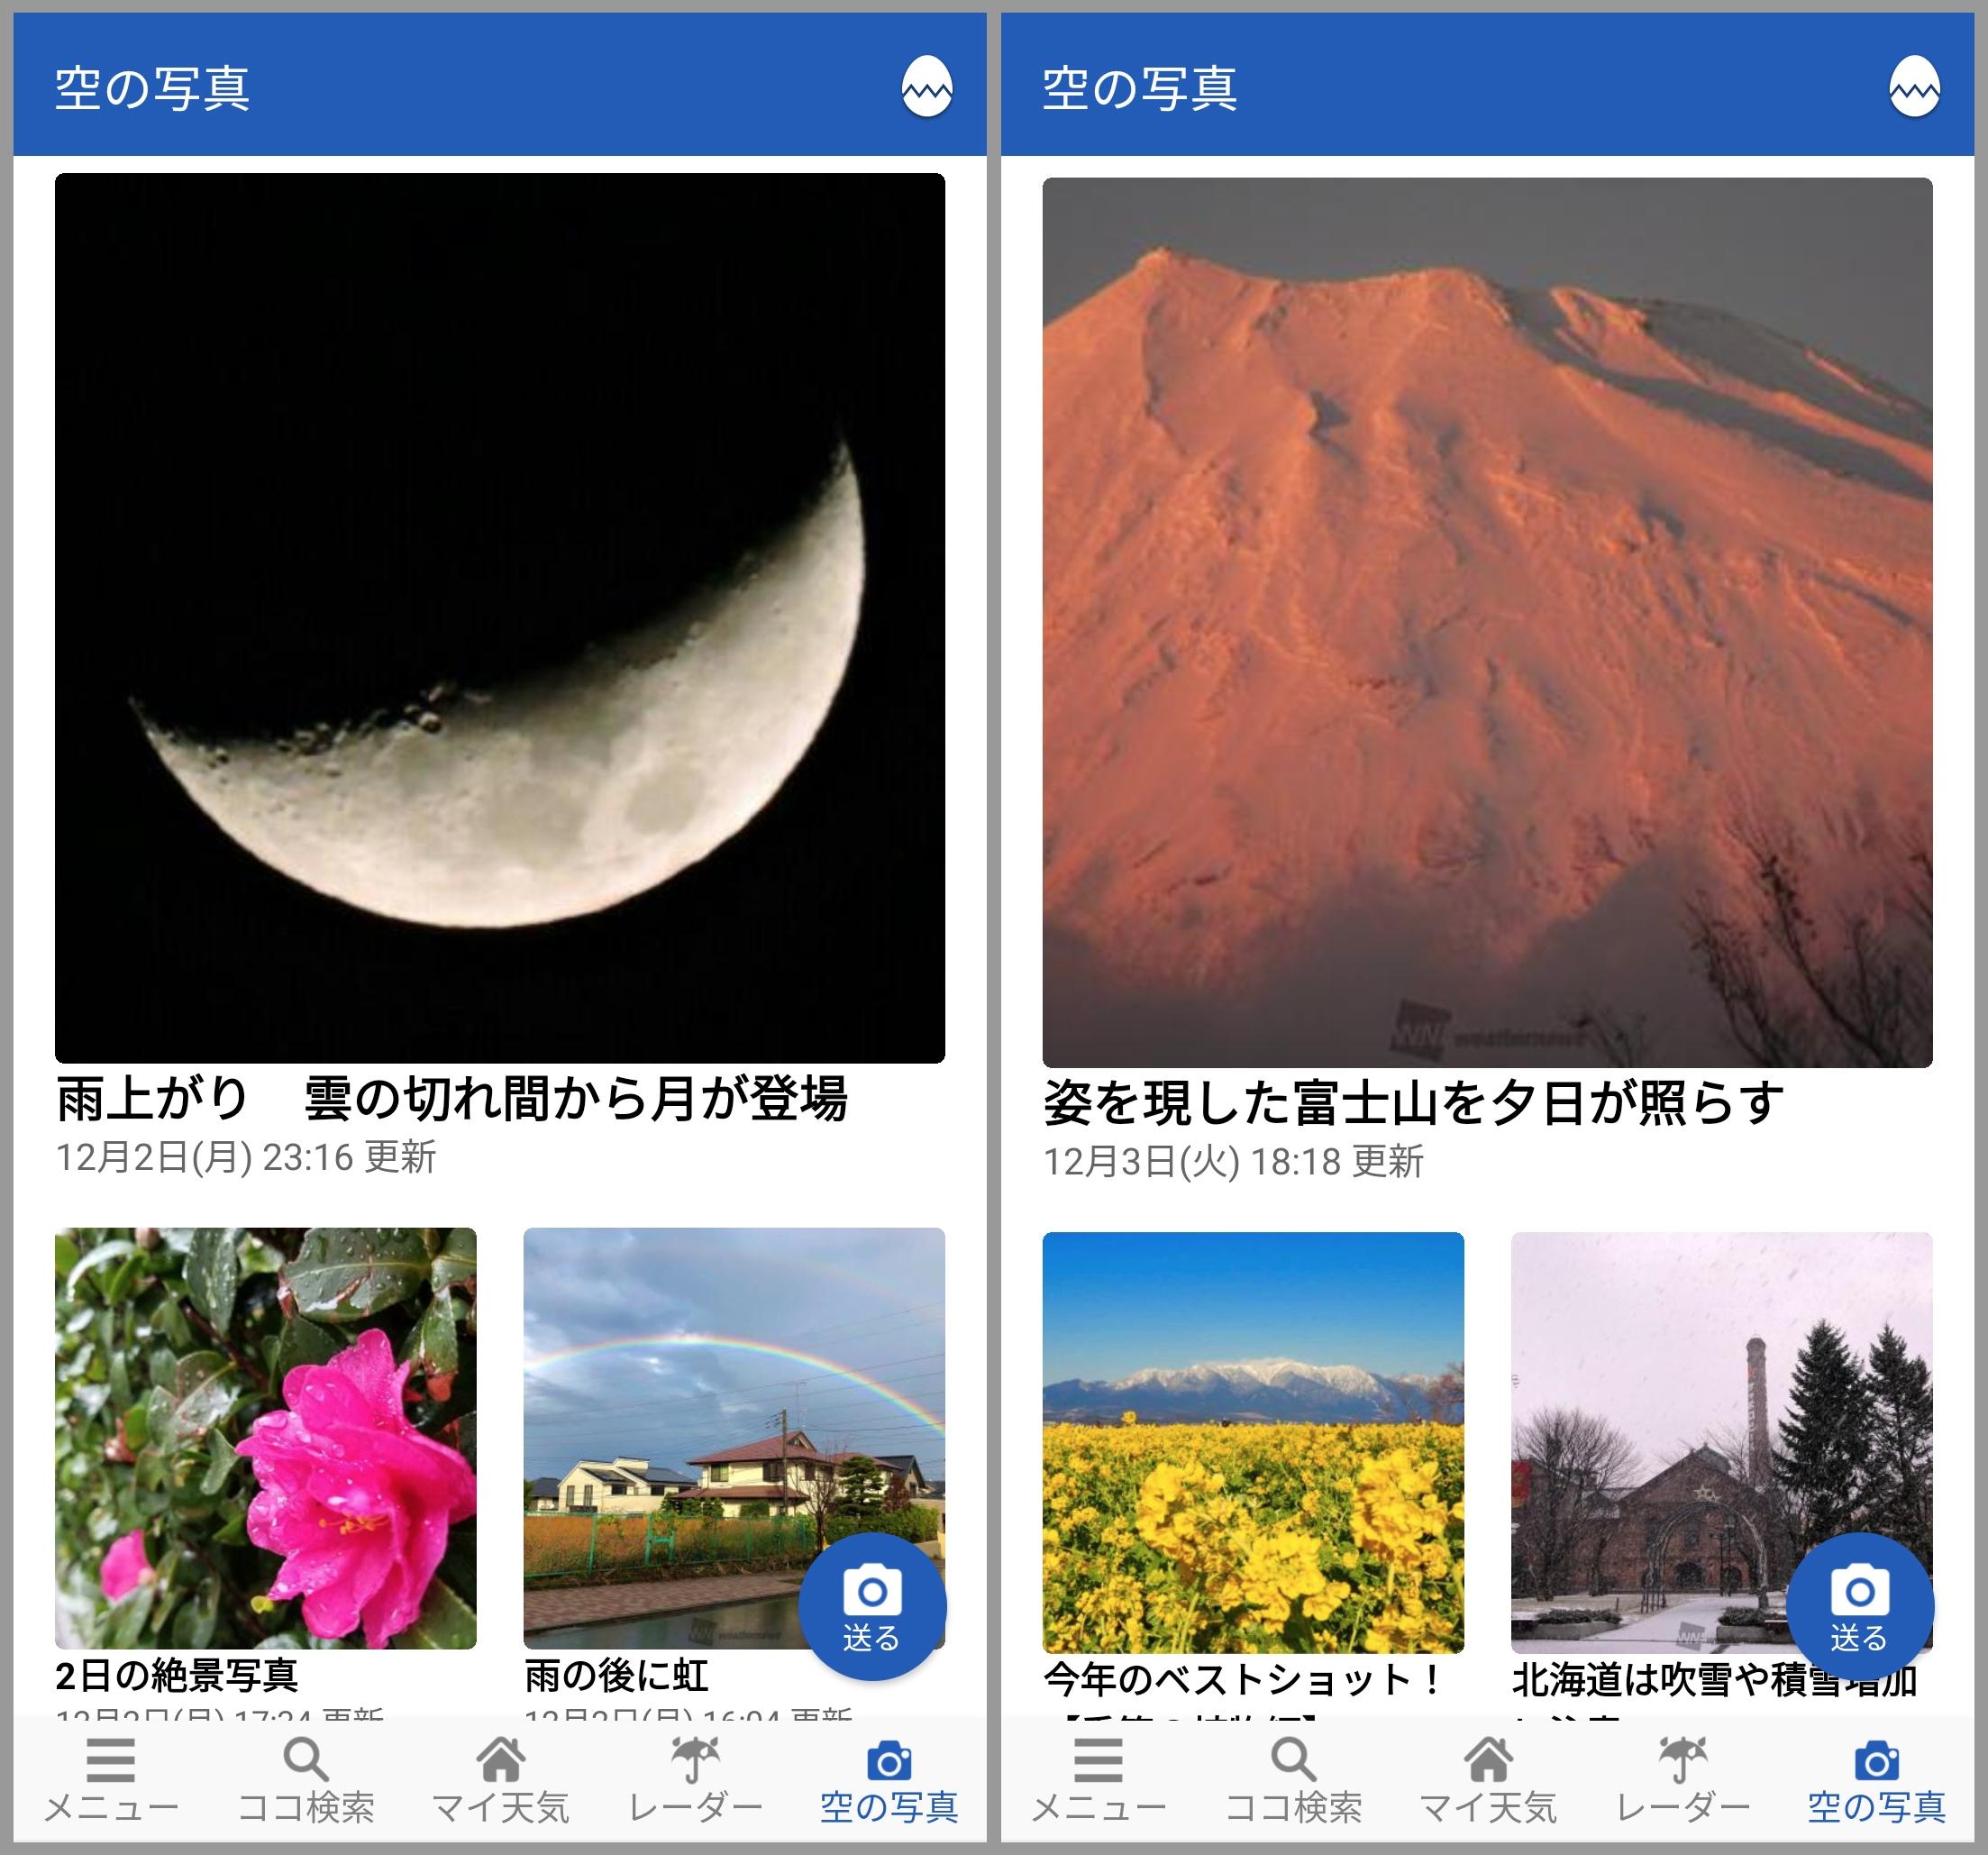 天気を調べるアプリやサービス (4つくらい) | SunnyTIME RideonTIME